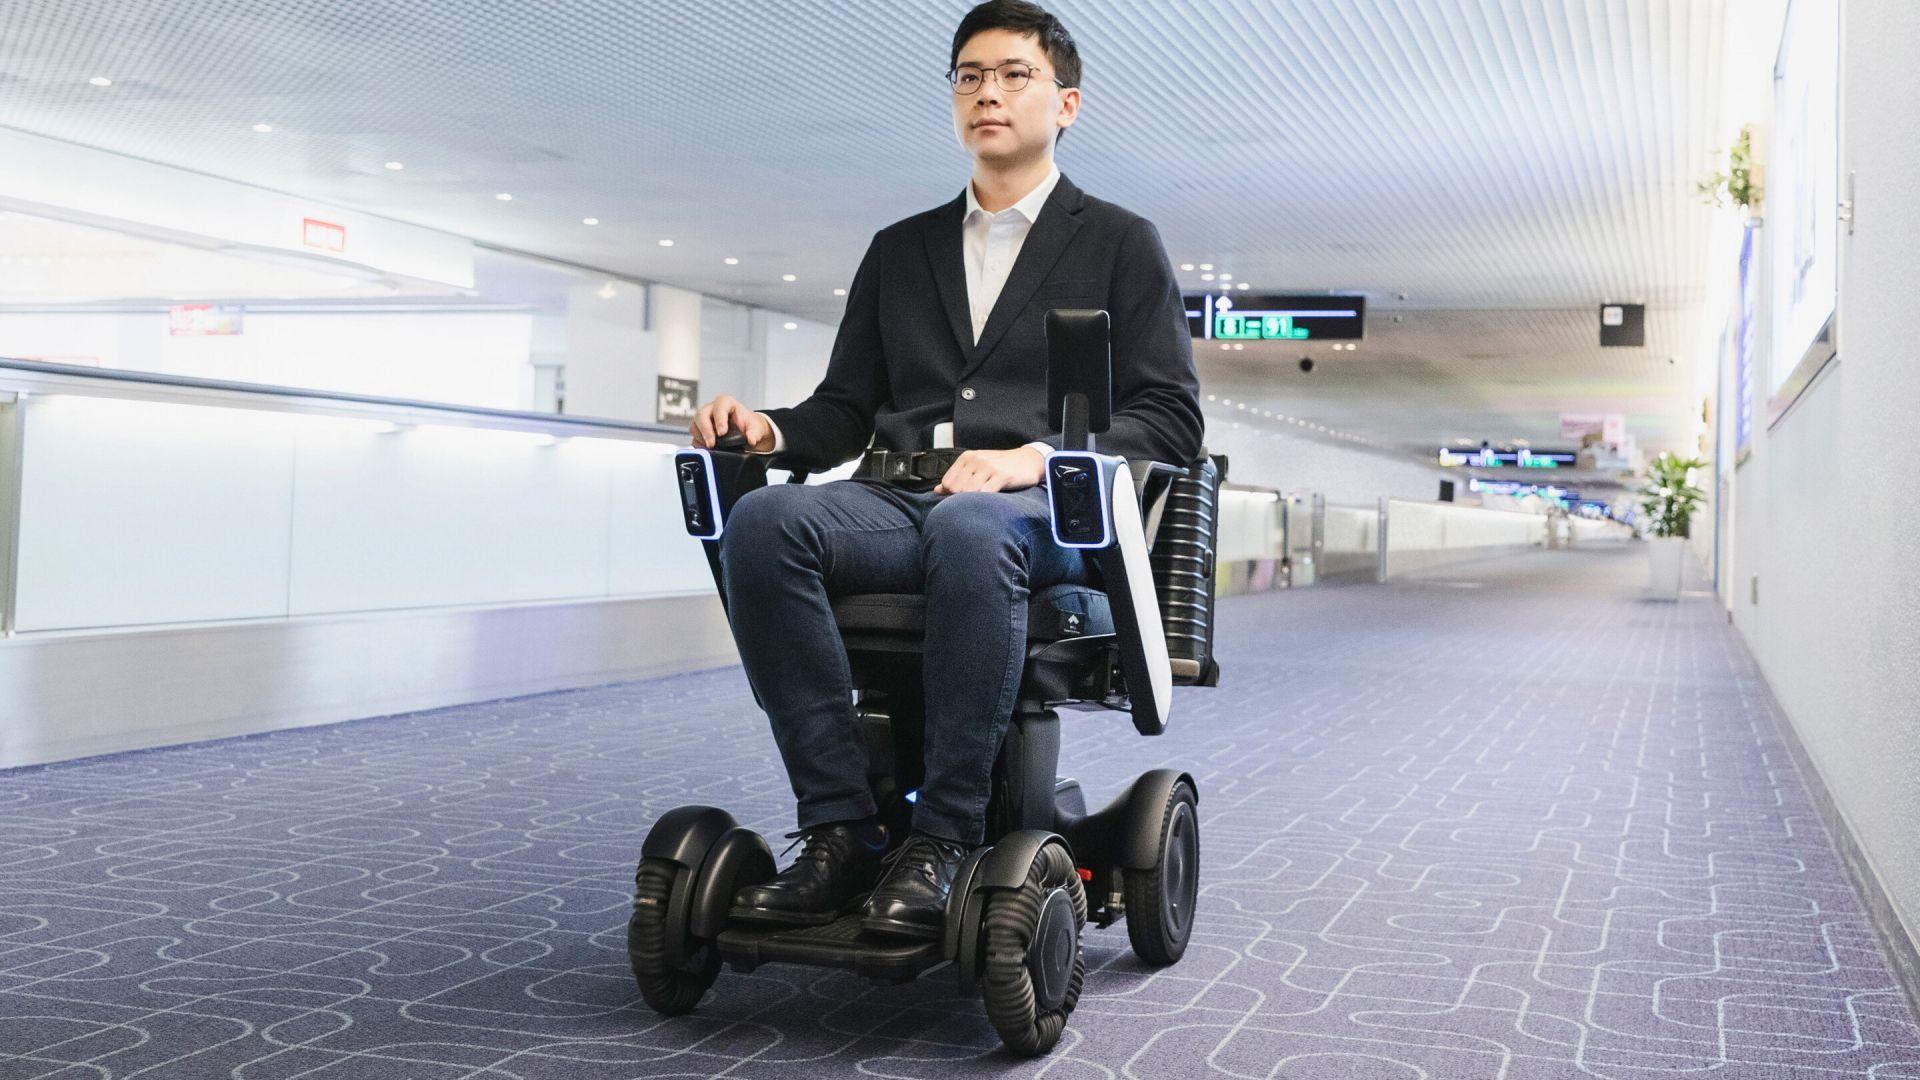 Роботи-столове тръгнаха из летище в Токио